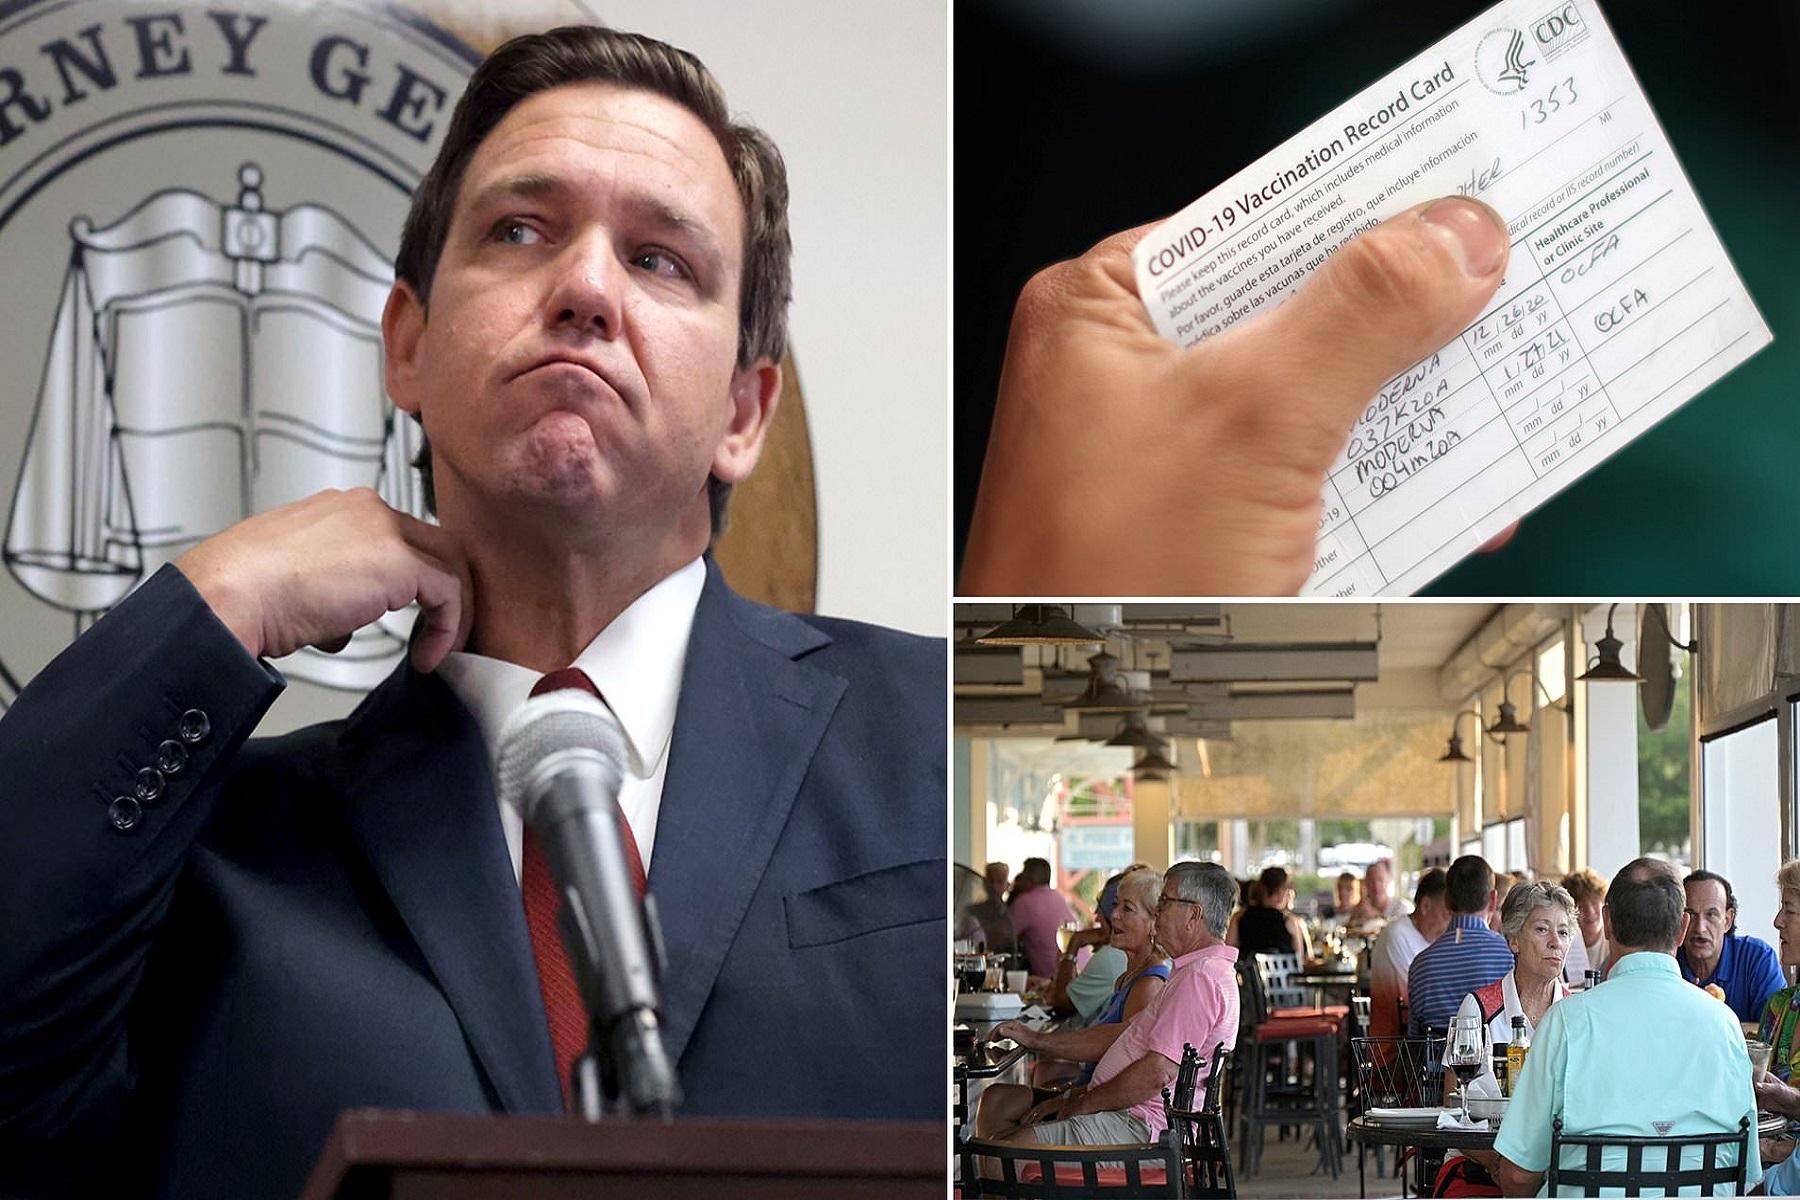 ΗΠΑ Φλόριντα: Θα επιβάλλει πρόστιμο σε όποιον ζητήσει απόδειξη για τον εμβολιασμό κατά της COVID-19 5.000 $